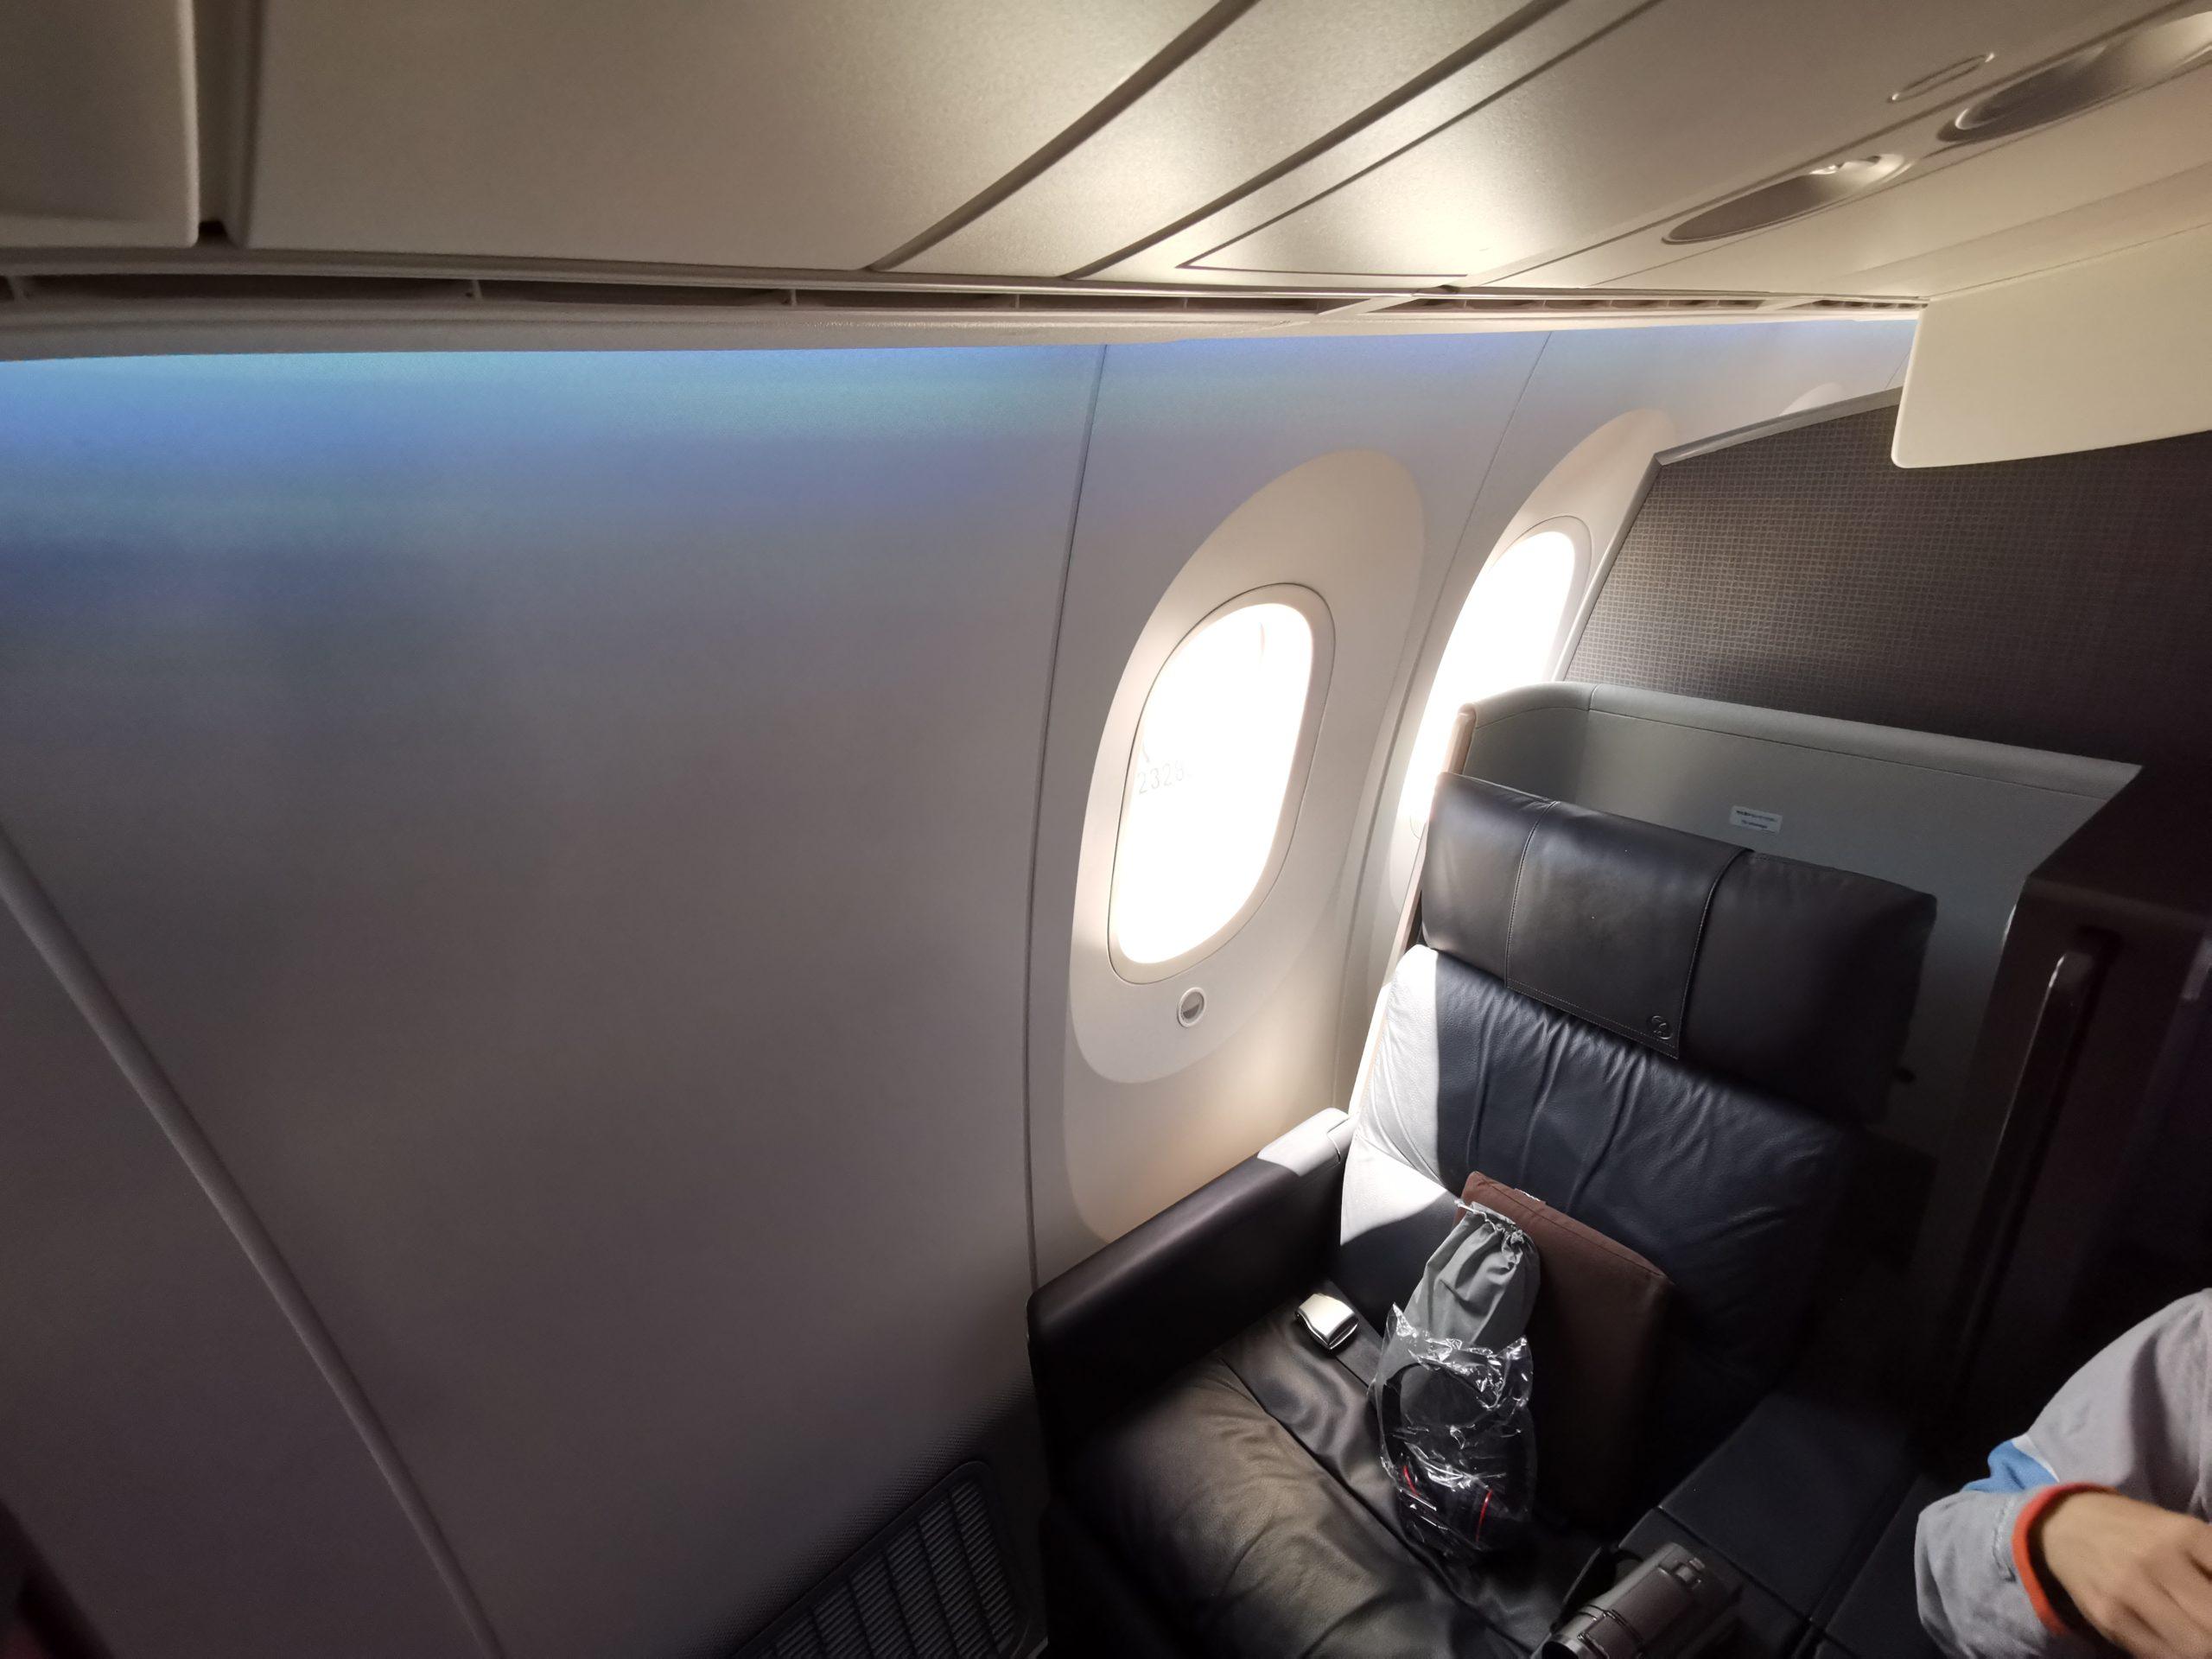 【たった6席】787-8(788) JALファーストクラスに搭乗してきた 上級会員しか入れない羽田空港のダイヤモンド・プレミアラウンジにも行ってみた